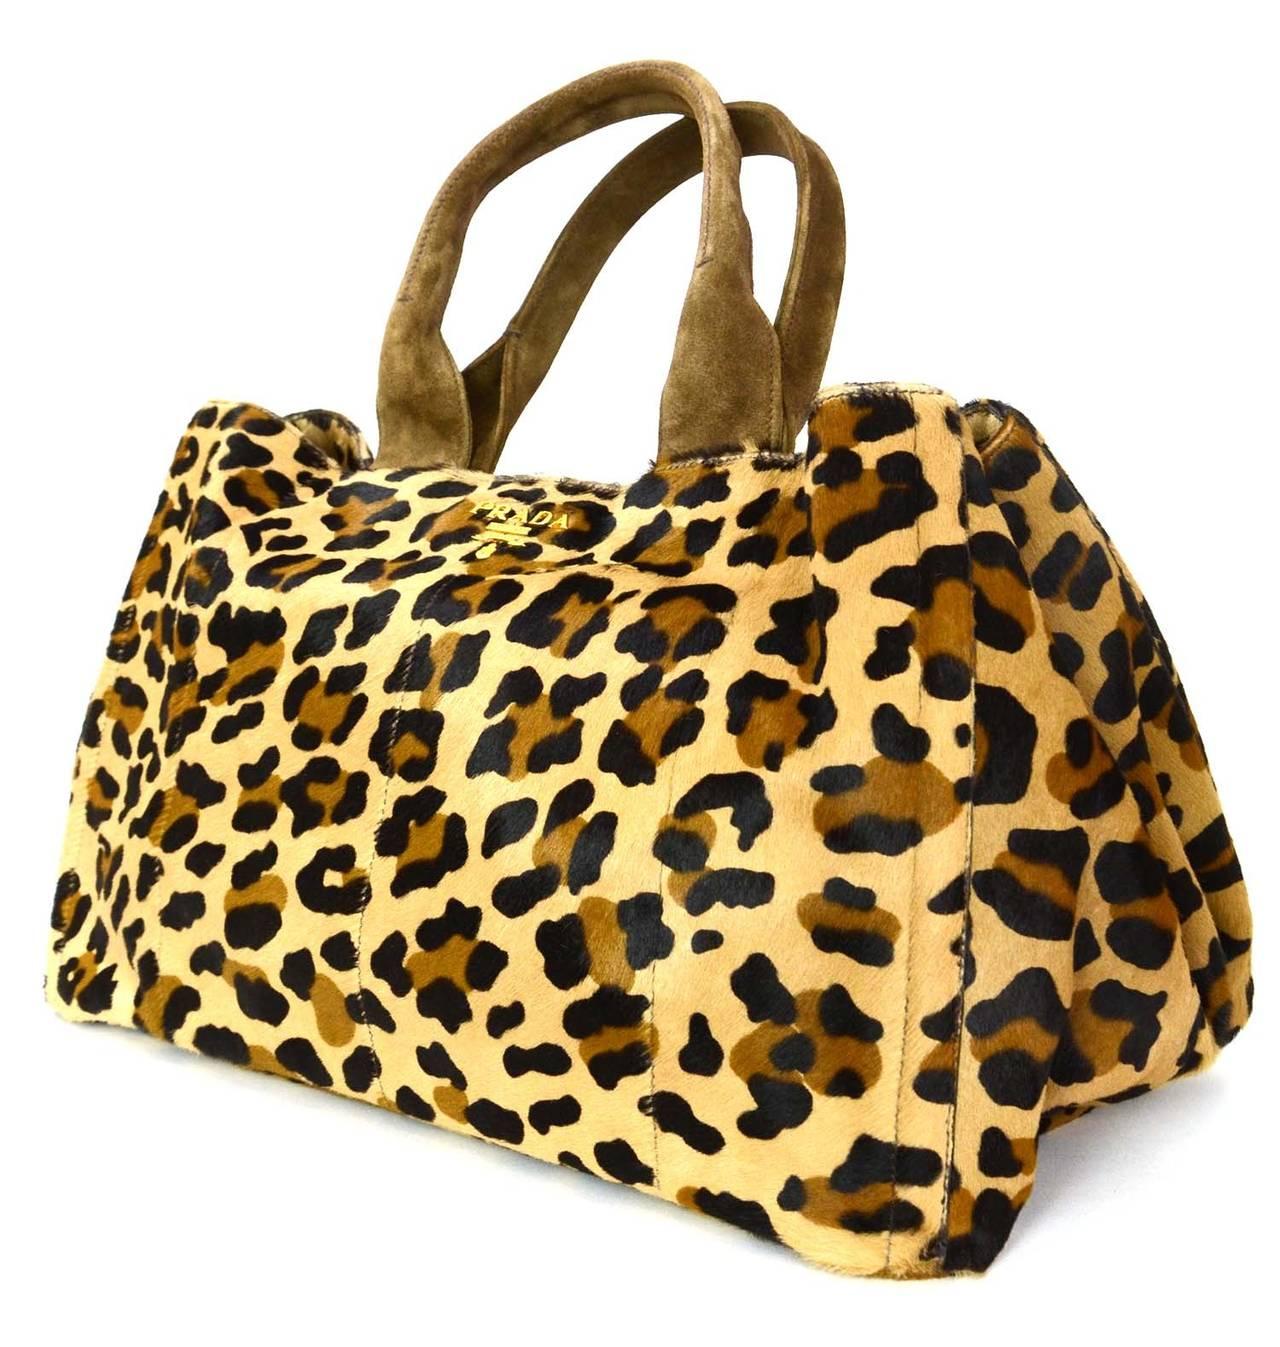 original prada bags online - PRADA Brown and Black Leopard Print Pony Hair Tote Bag at 1stdibs